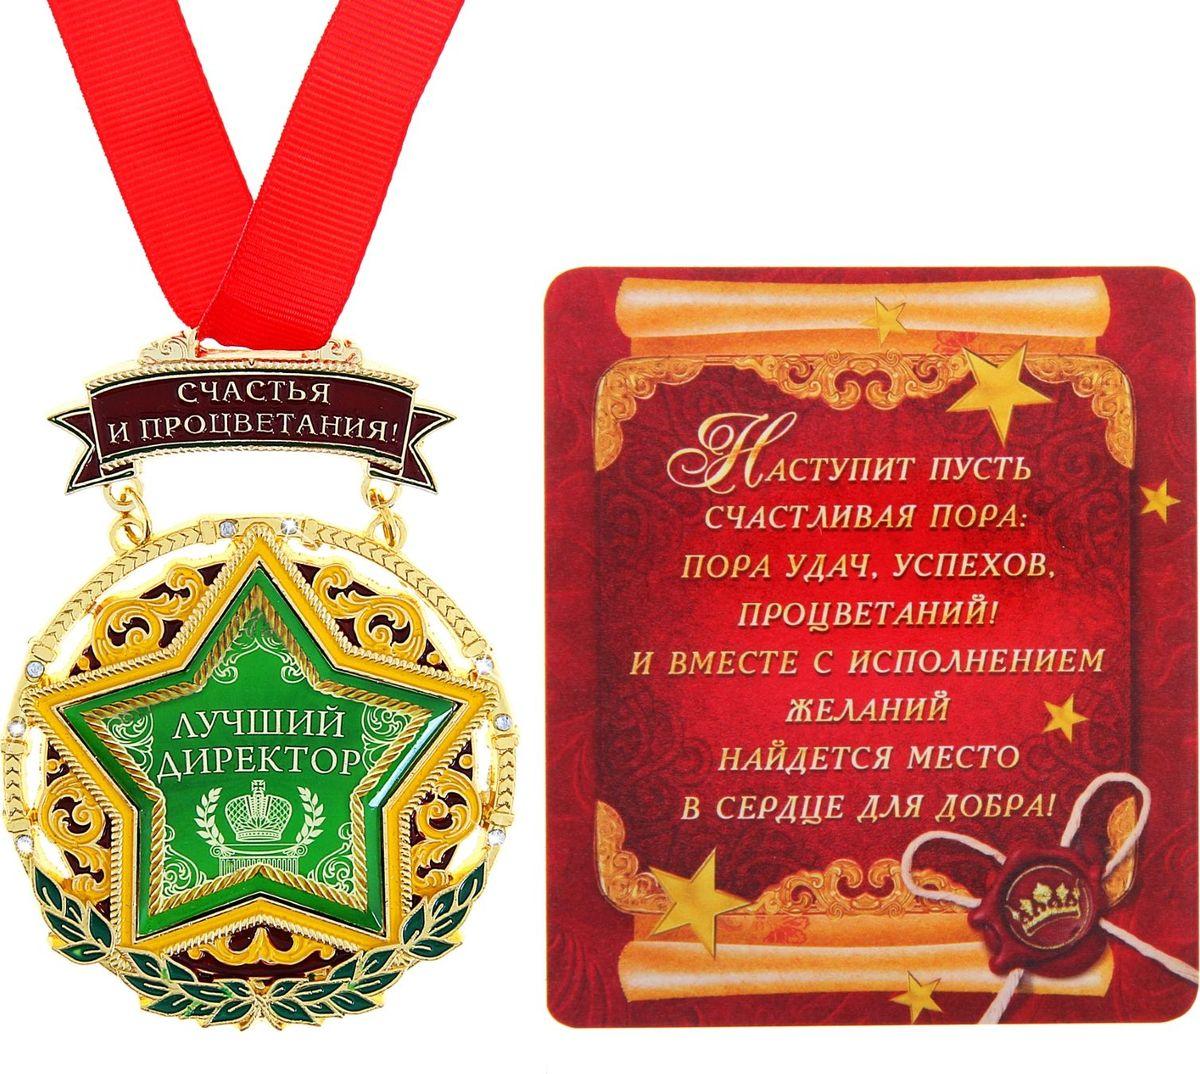 Медаль сувенирная Лучший директор, 6,8 х 9,7 см166026Для ценителей оригинальности, кому наскучили привычные формы, мы специально разработали эксклюзивную, нестандартную и яркую медаль. Металлическая медаль залита яркими красками и украшена стразами, что делает ее более эффектной и запоминающейся. Идет в комплекте с поздравительной открыткой.